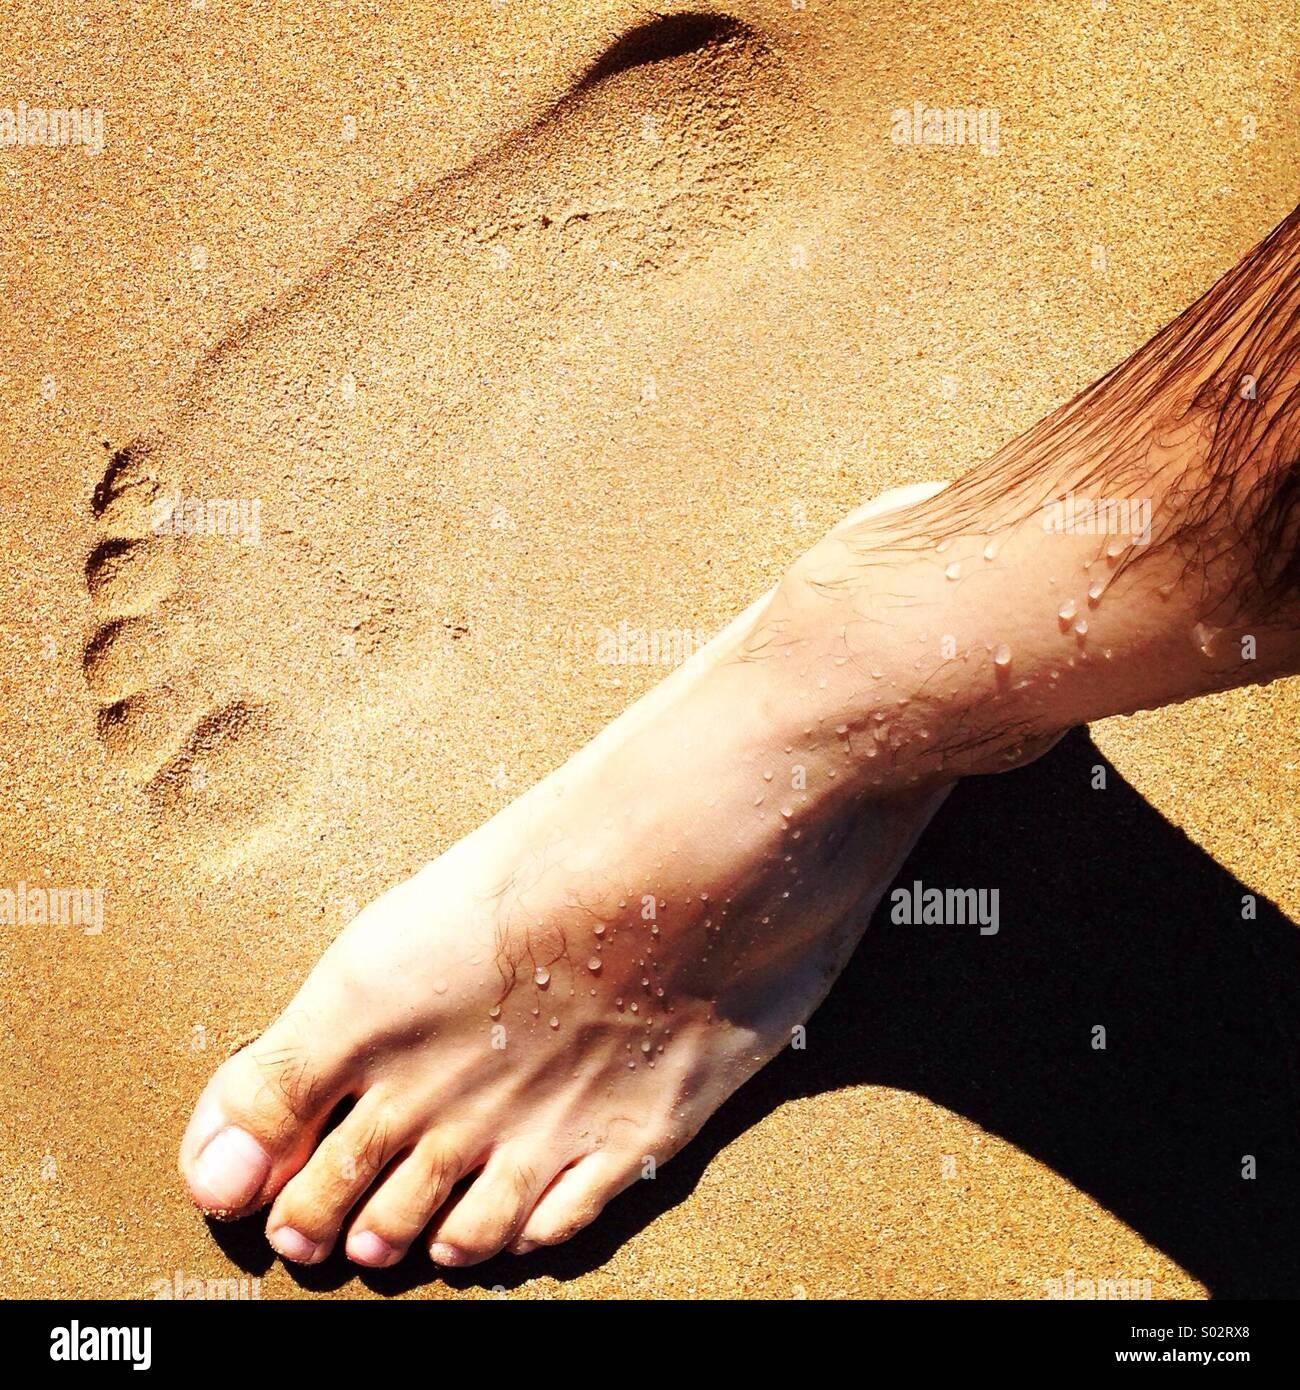 Piede sinistro e ingombro sulla sabbia Immagini Stock